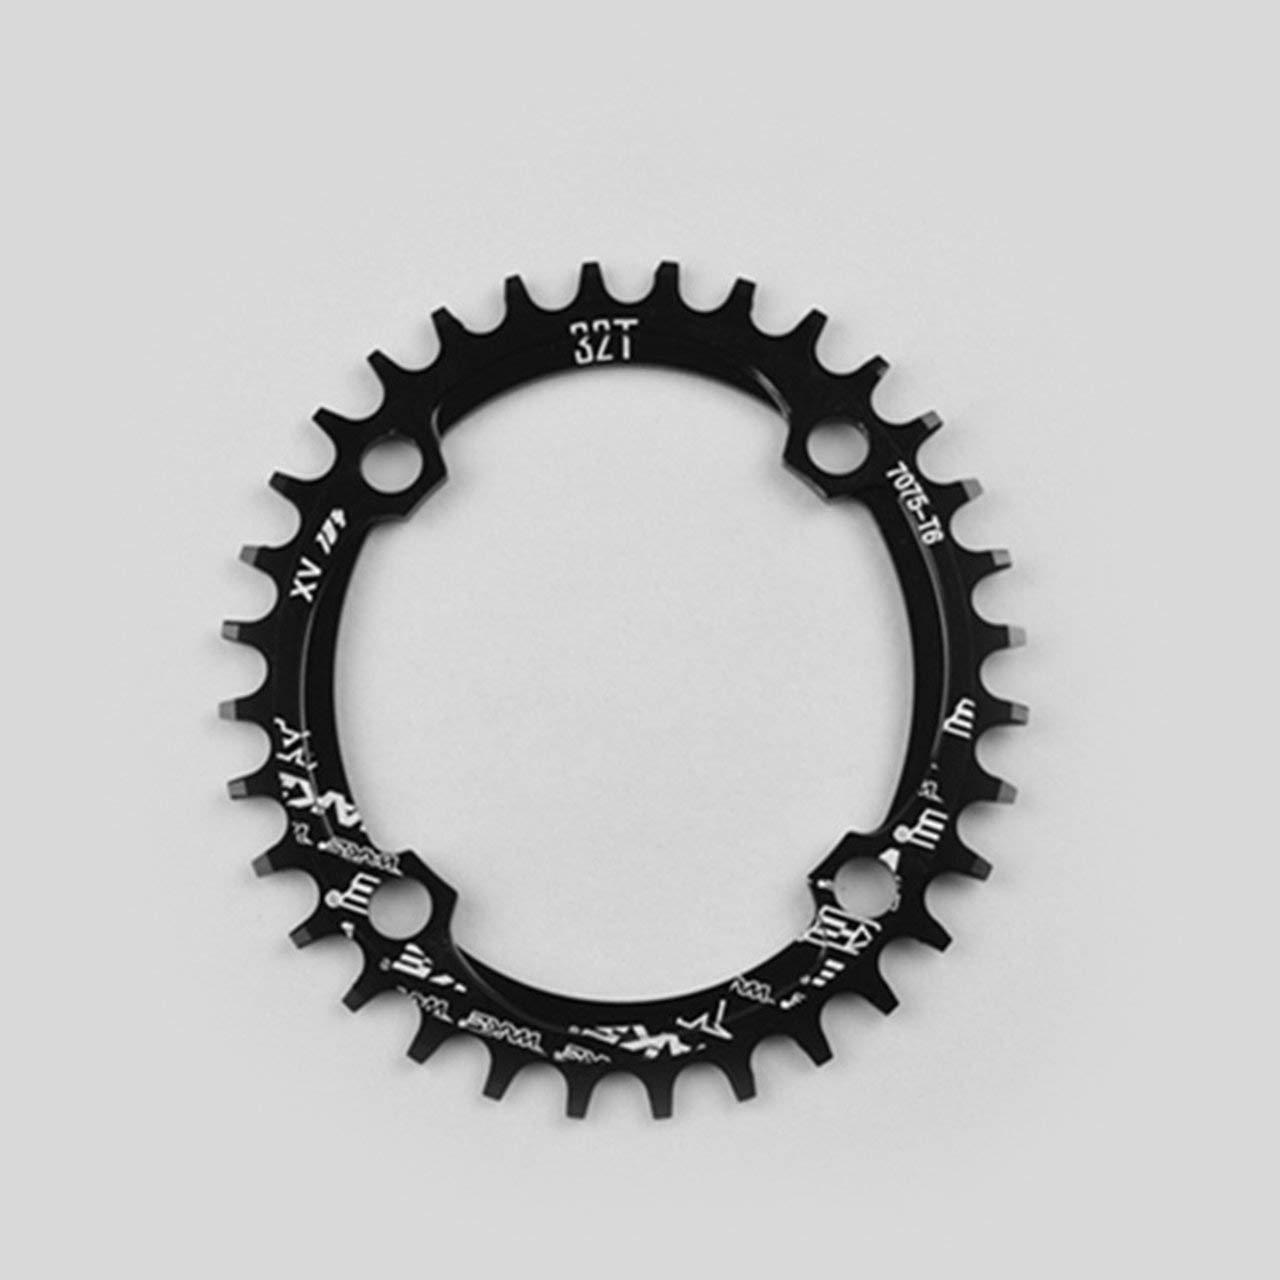 Jasnyfall Fahrrad Schmale Breite Oval Kettenblatt Kettenblatt 104mm BCD Kurbel 32 T 34 T 36 T 38 T CNC Aluminiumlegierung Kettenblatt f/ür MTB Fahrrad